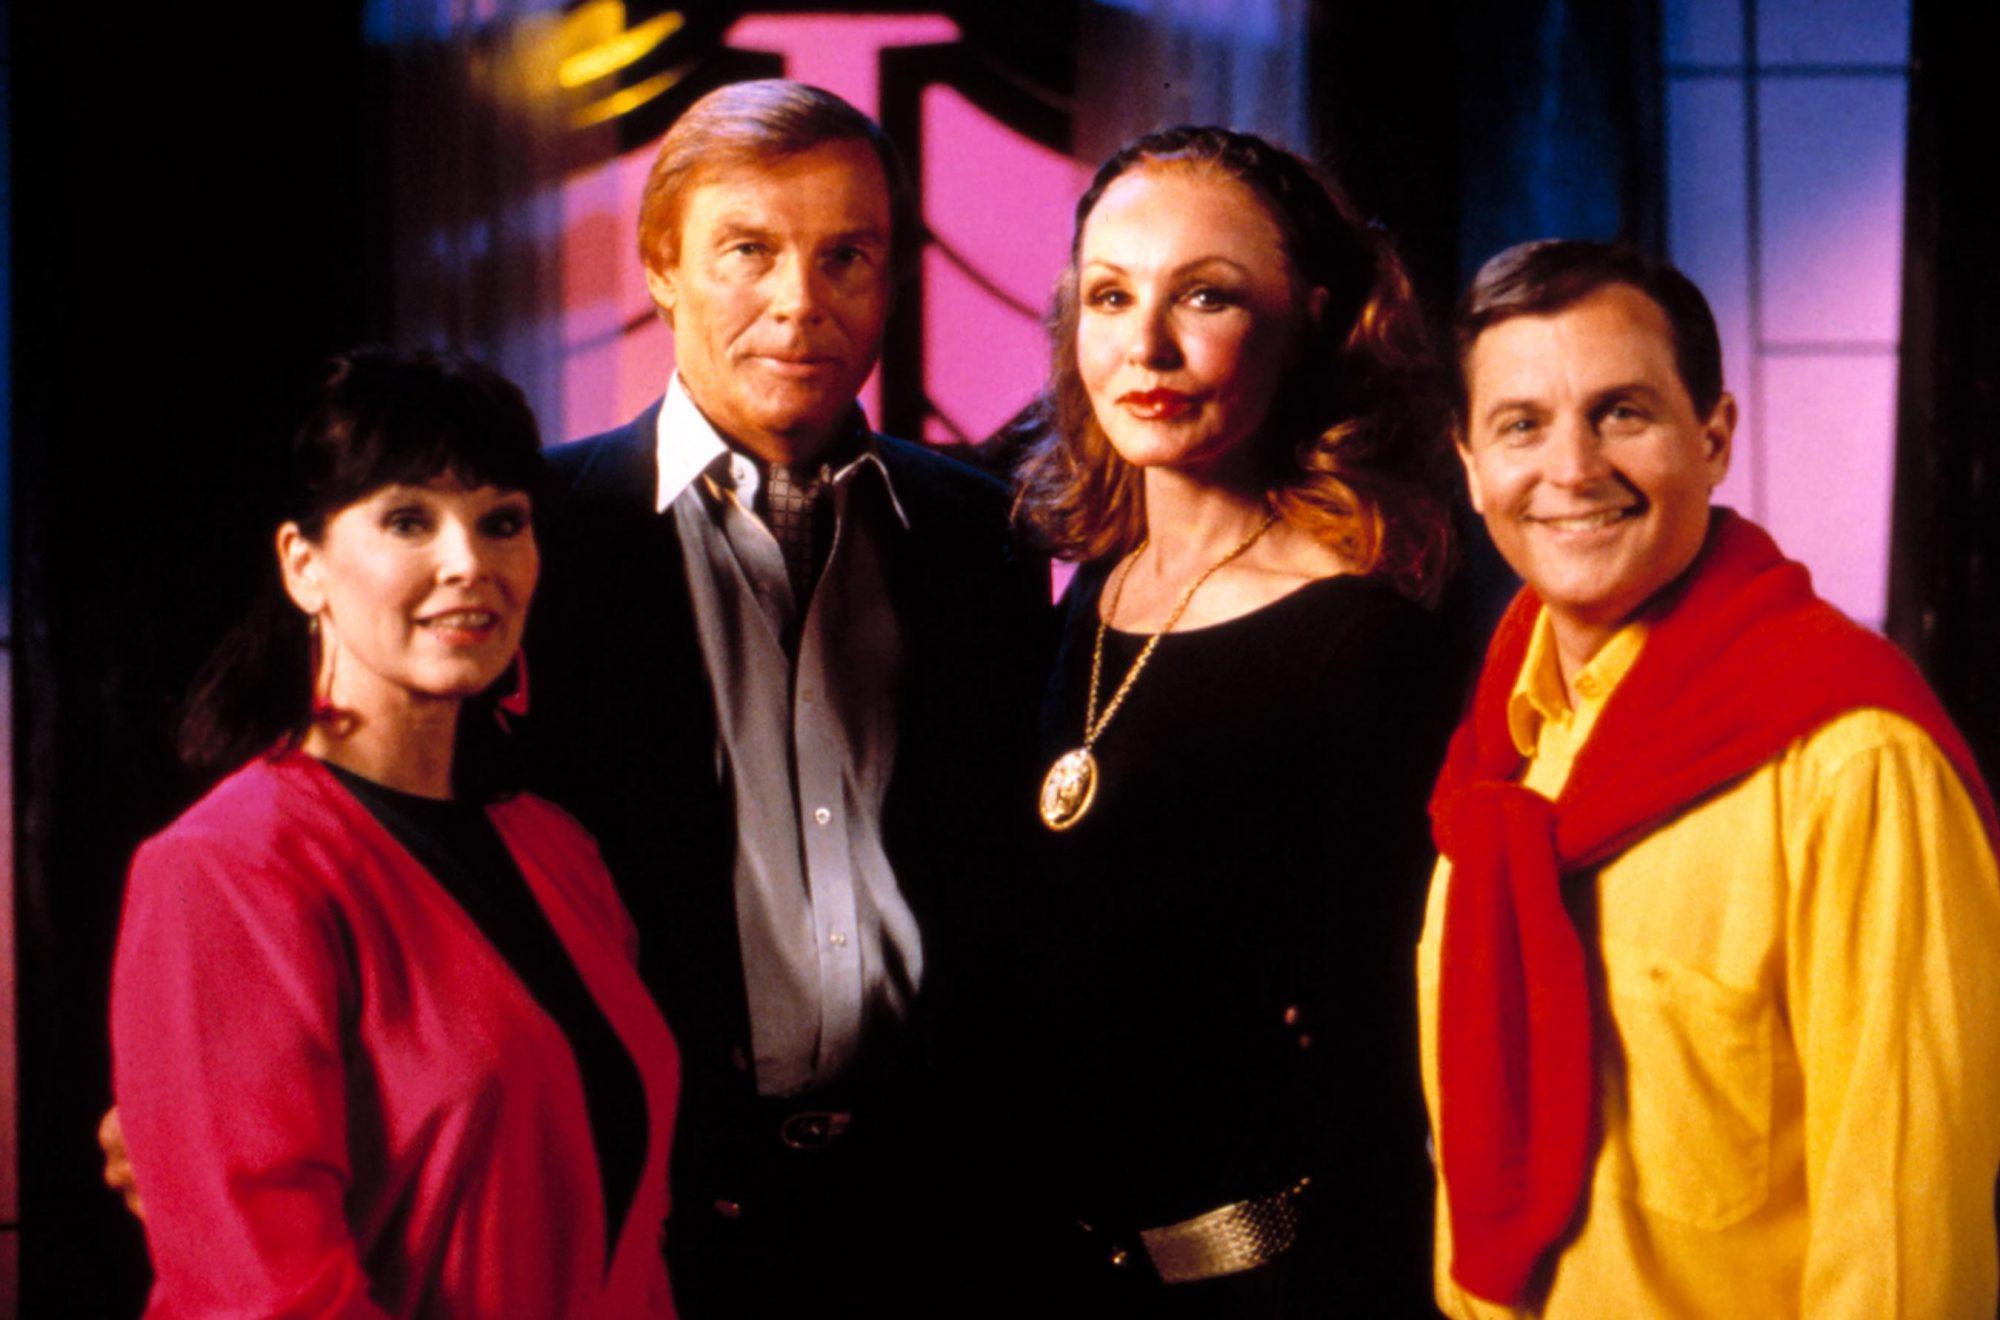 BATMAN REUNION, Yvonne Craig, Adam West, Julie Newmar, Burt Ward, 1990s, exact date not available.